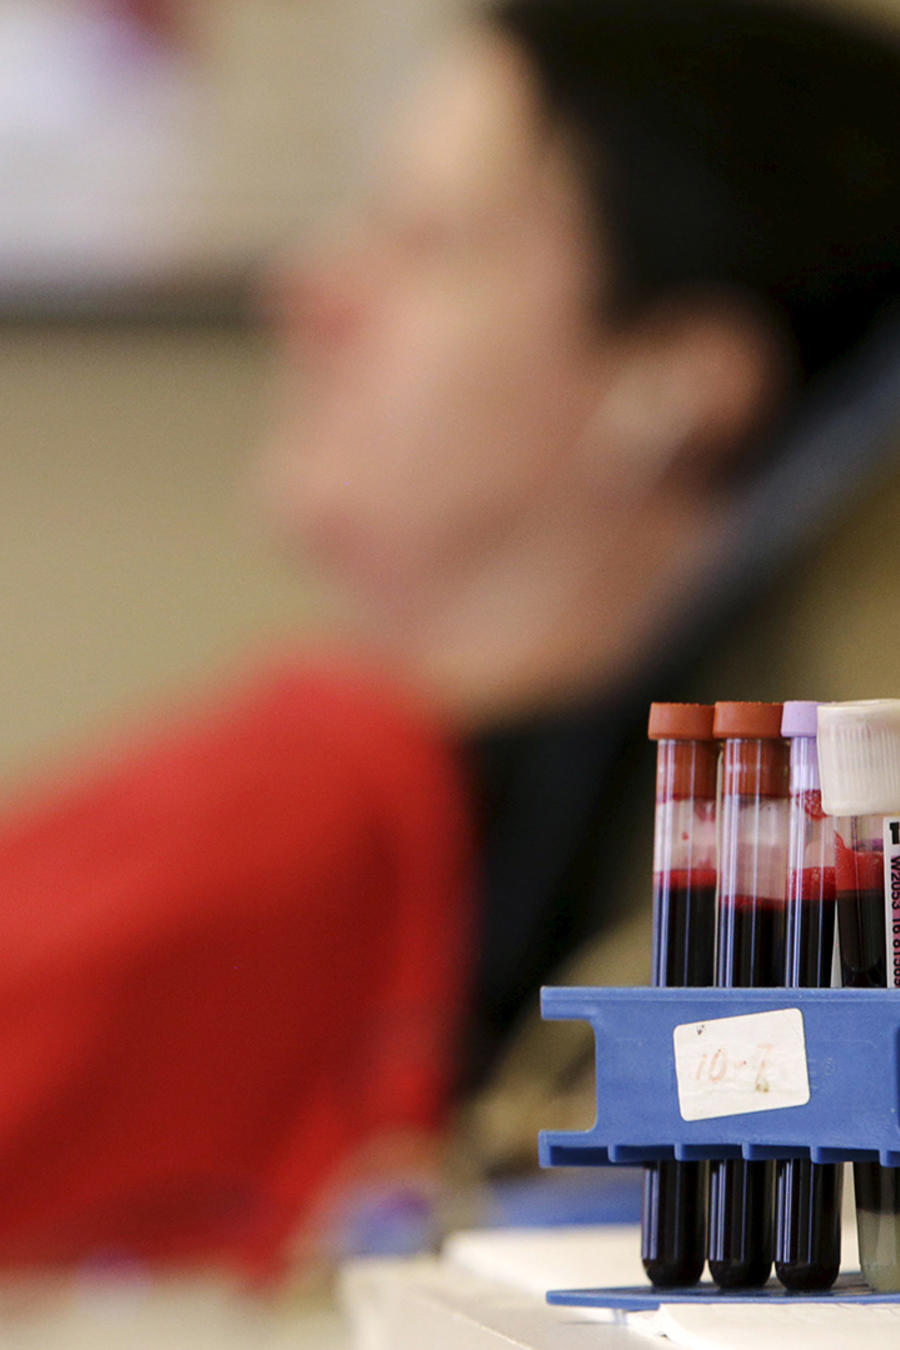 Donante de sangre en Washington